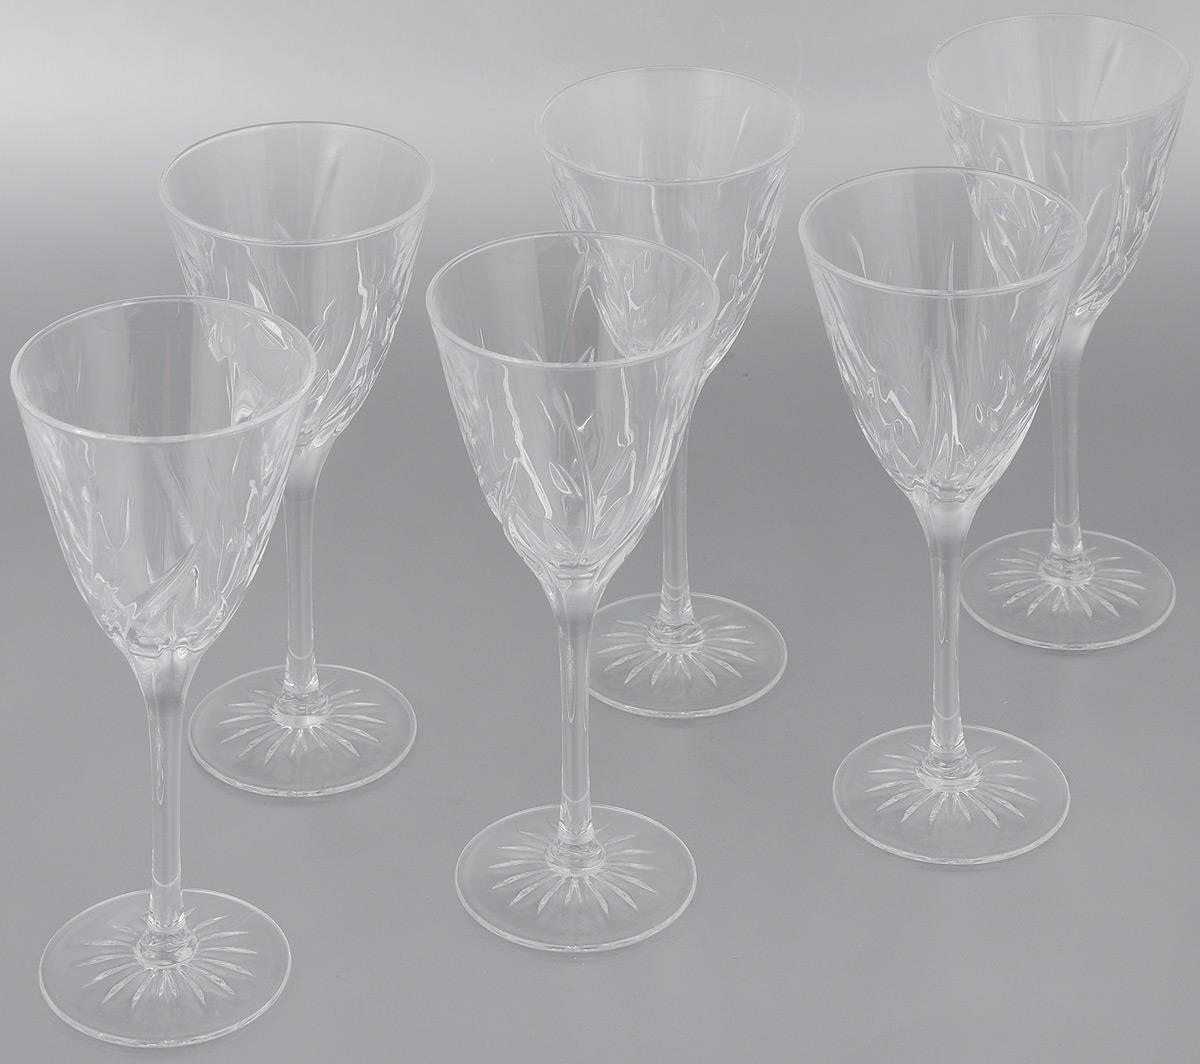 Набор фужеров Cristal dArques Cassandra, 170 мл, 6 штG5633Набор Cristal dArques Cassandra состоит из 6 фужеров, выполненных из специально разработанного стекла Diamax. Изделия оснащены длинными изящными ножками и предназначены для различных напитков.Такой набор прекрасно дополнит праздничный стол и станет желанным подарком в любом доме. Диаметр фужера (по верхнему краю): 7,8 см. Высота фужера: 19 см. Диаметр основания фужера: 6,5 см.